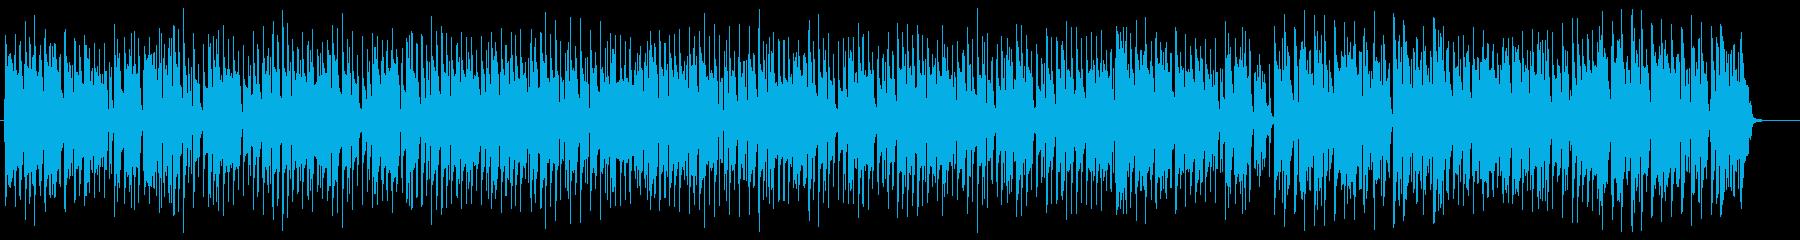 ラグタイムピアノ 曲の展開が速く軽快の再生済みの波形